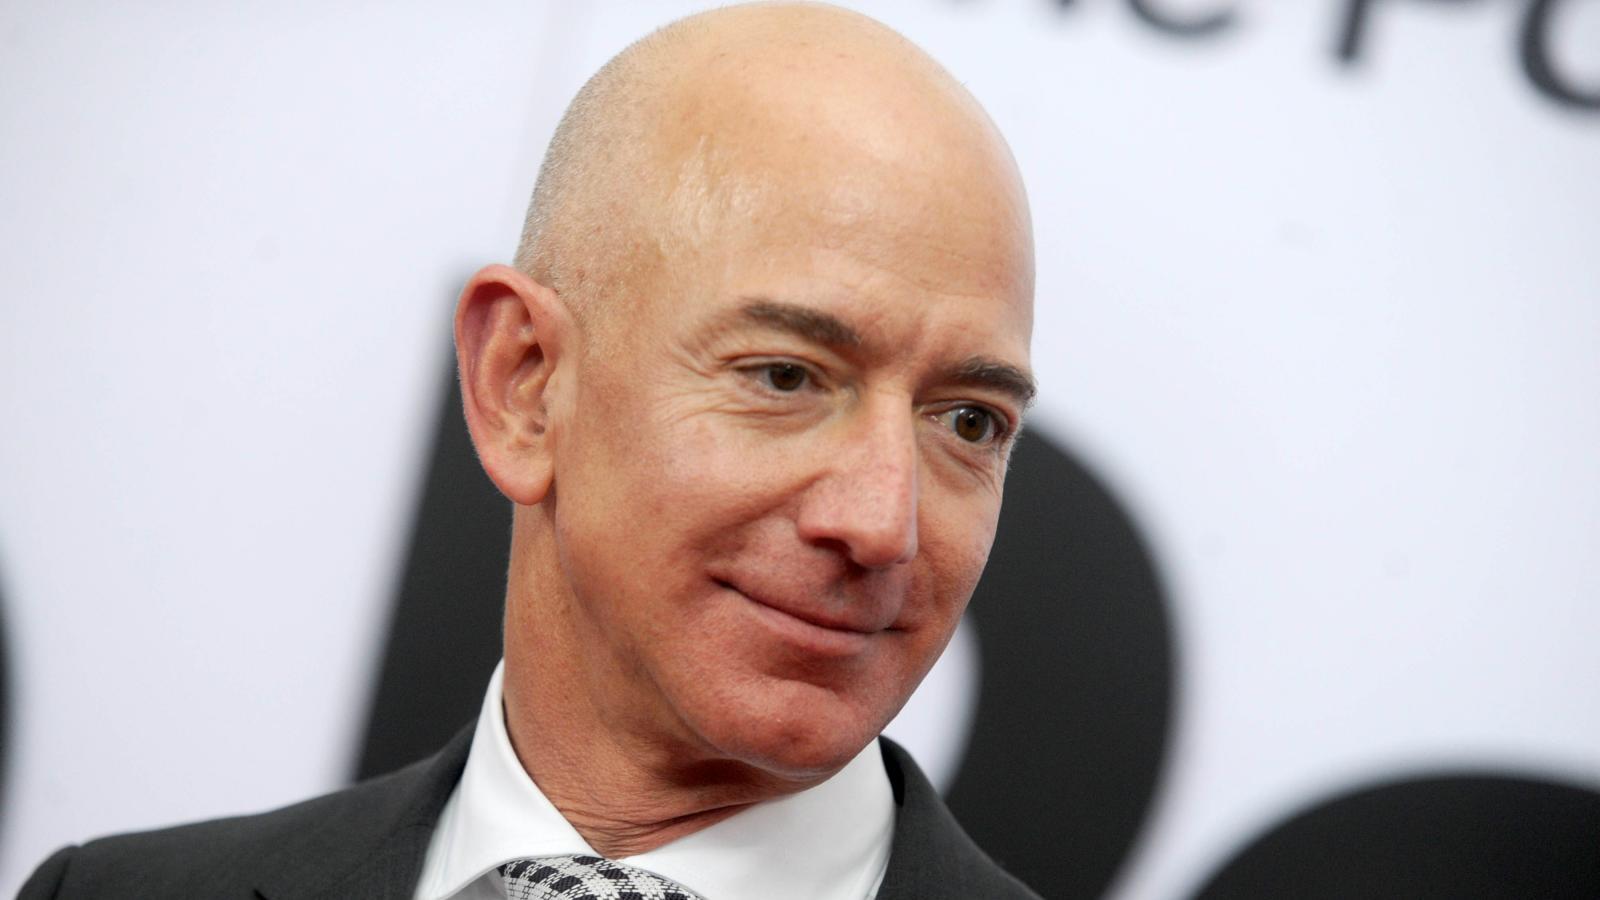 Jeff-Bezos-Inventory